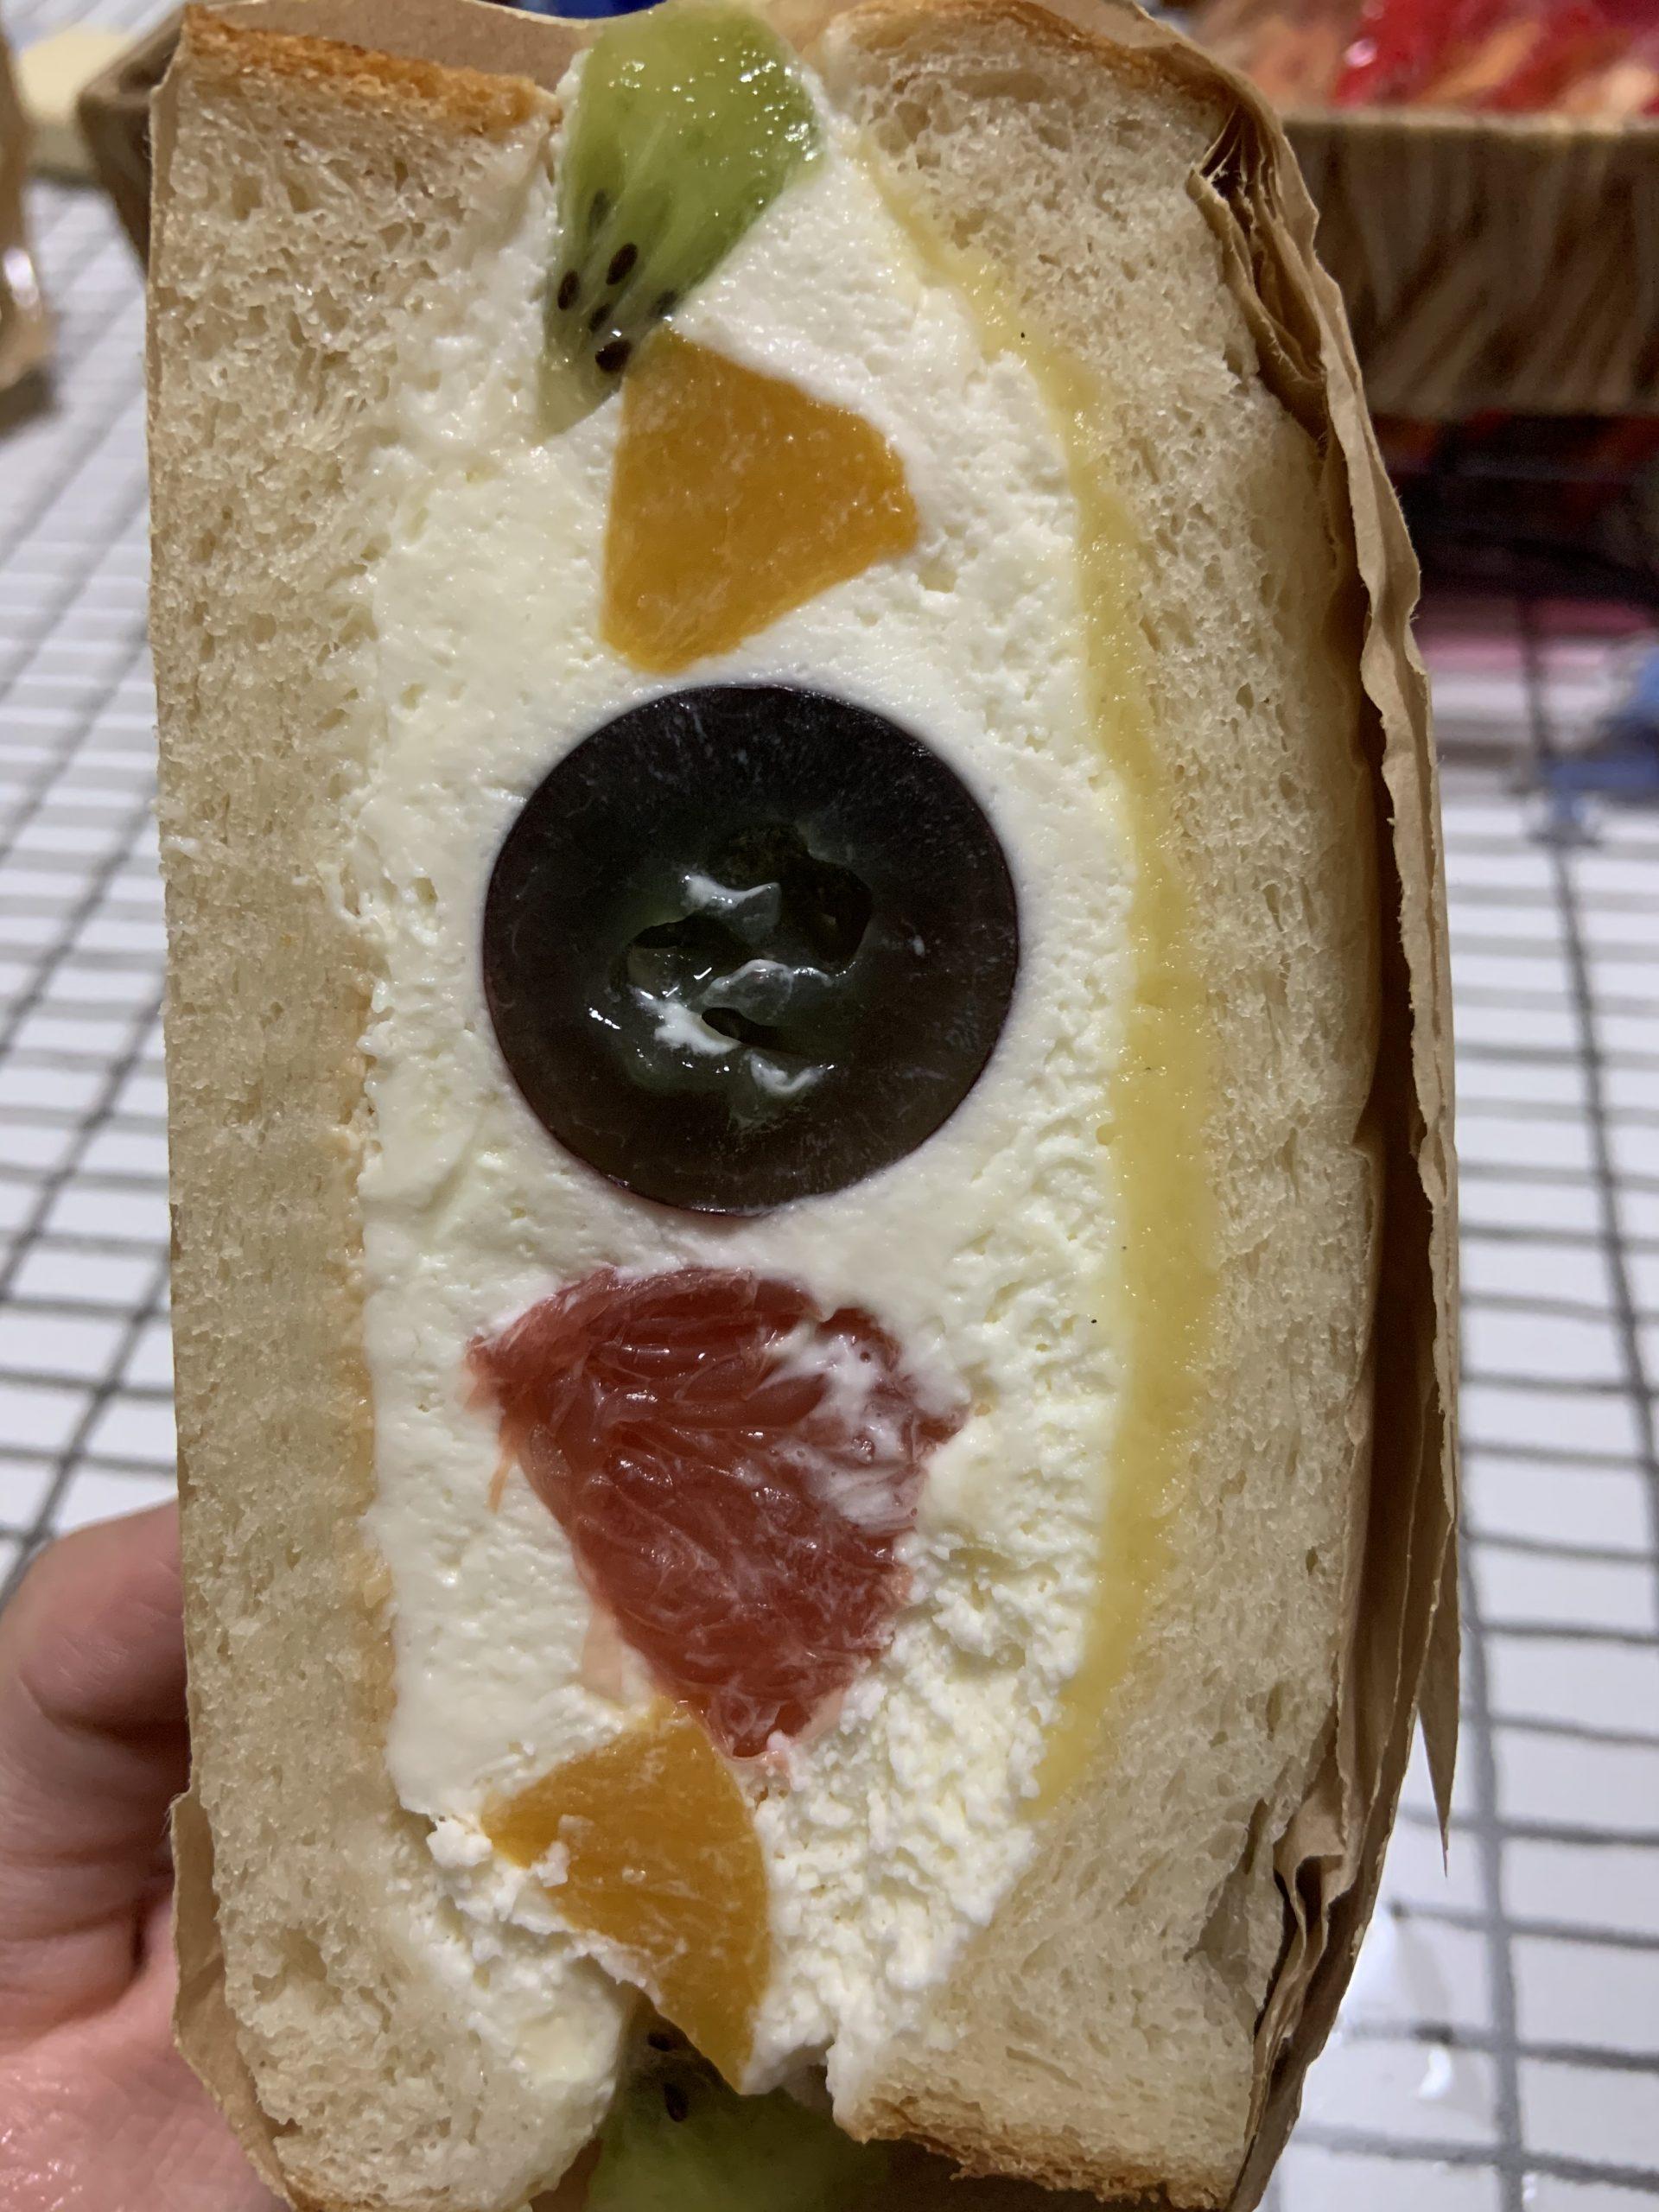 サンドイッチファクトリー チャクミーさんの断面がきれいなフルーツサンド